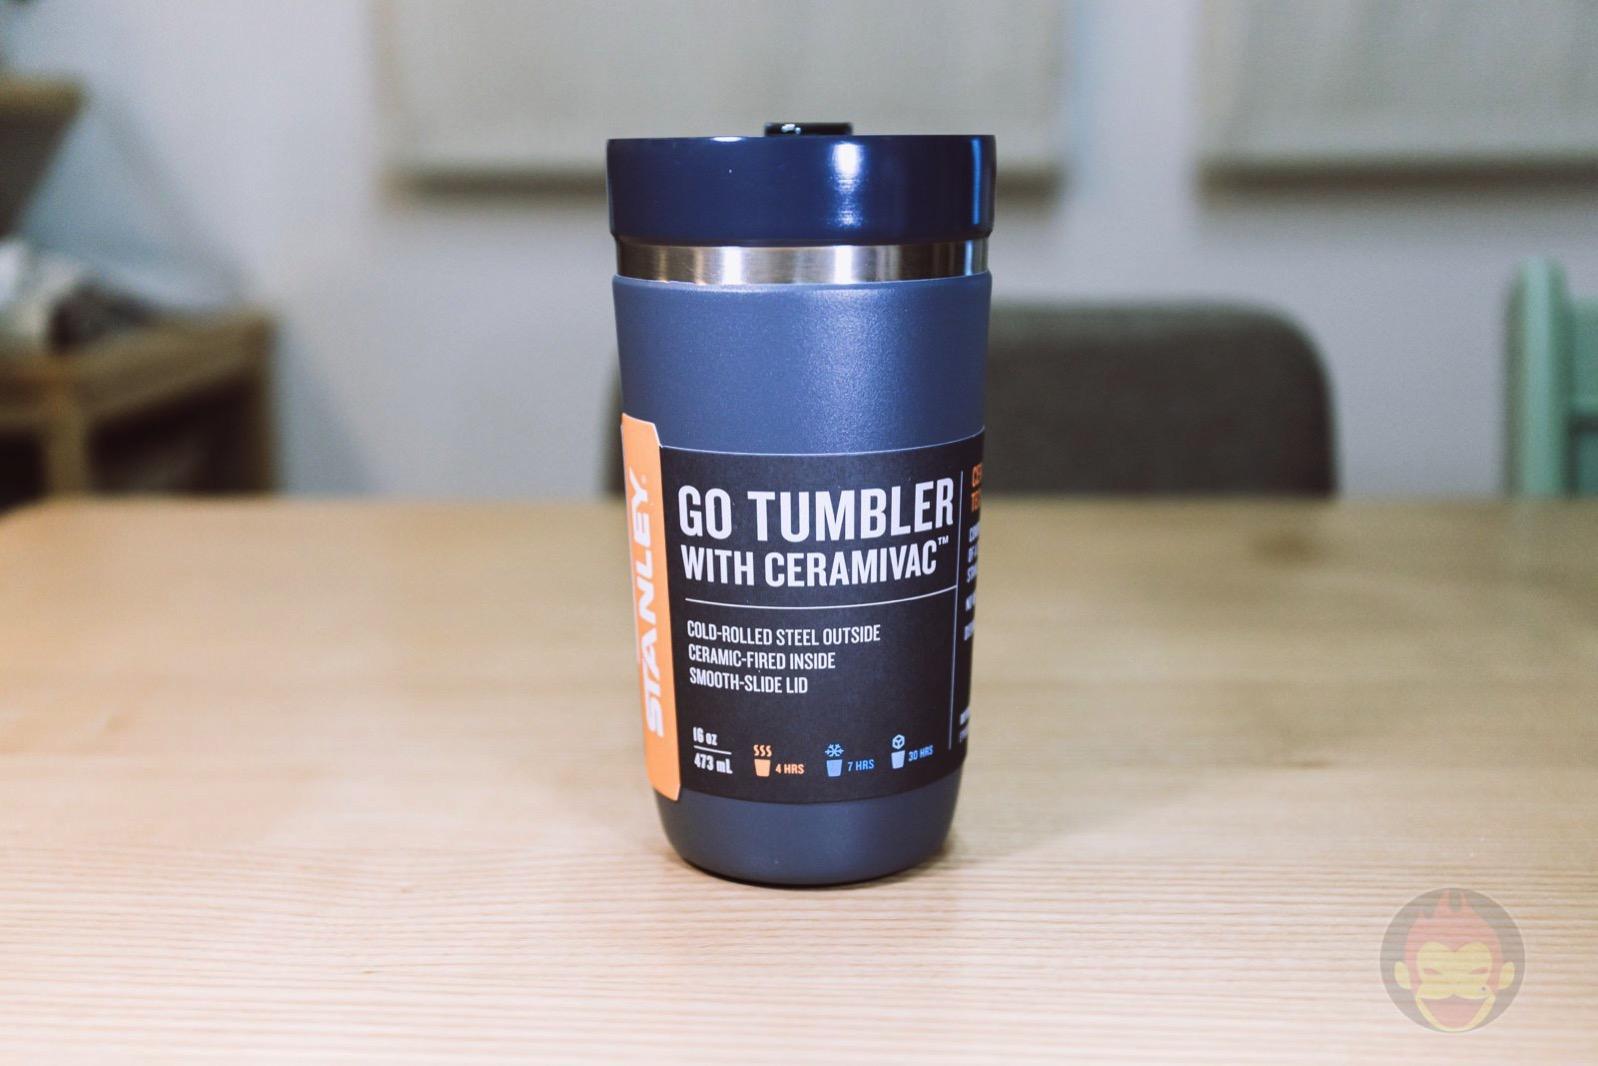 STANLEY-Tumbler-for-Drink-06.jpg